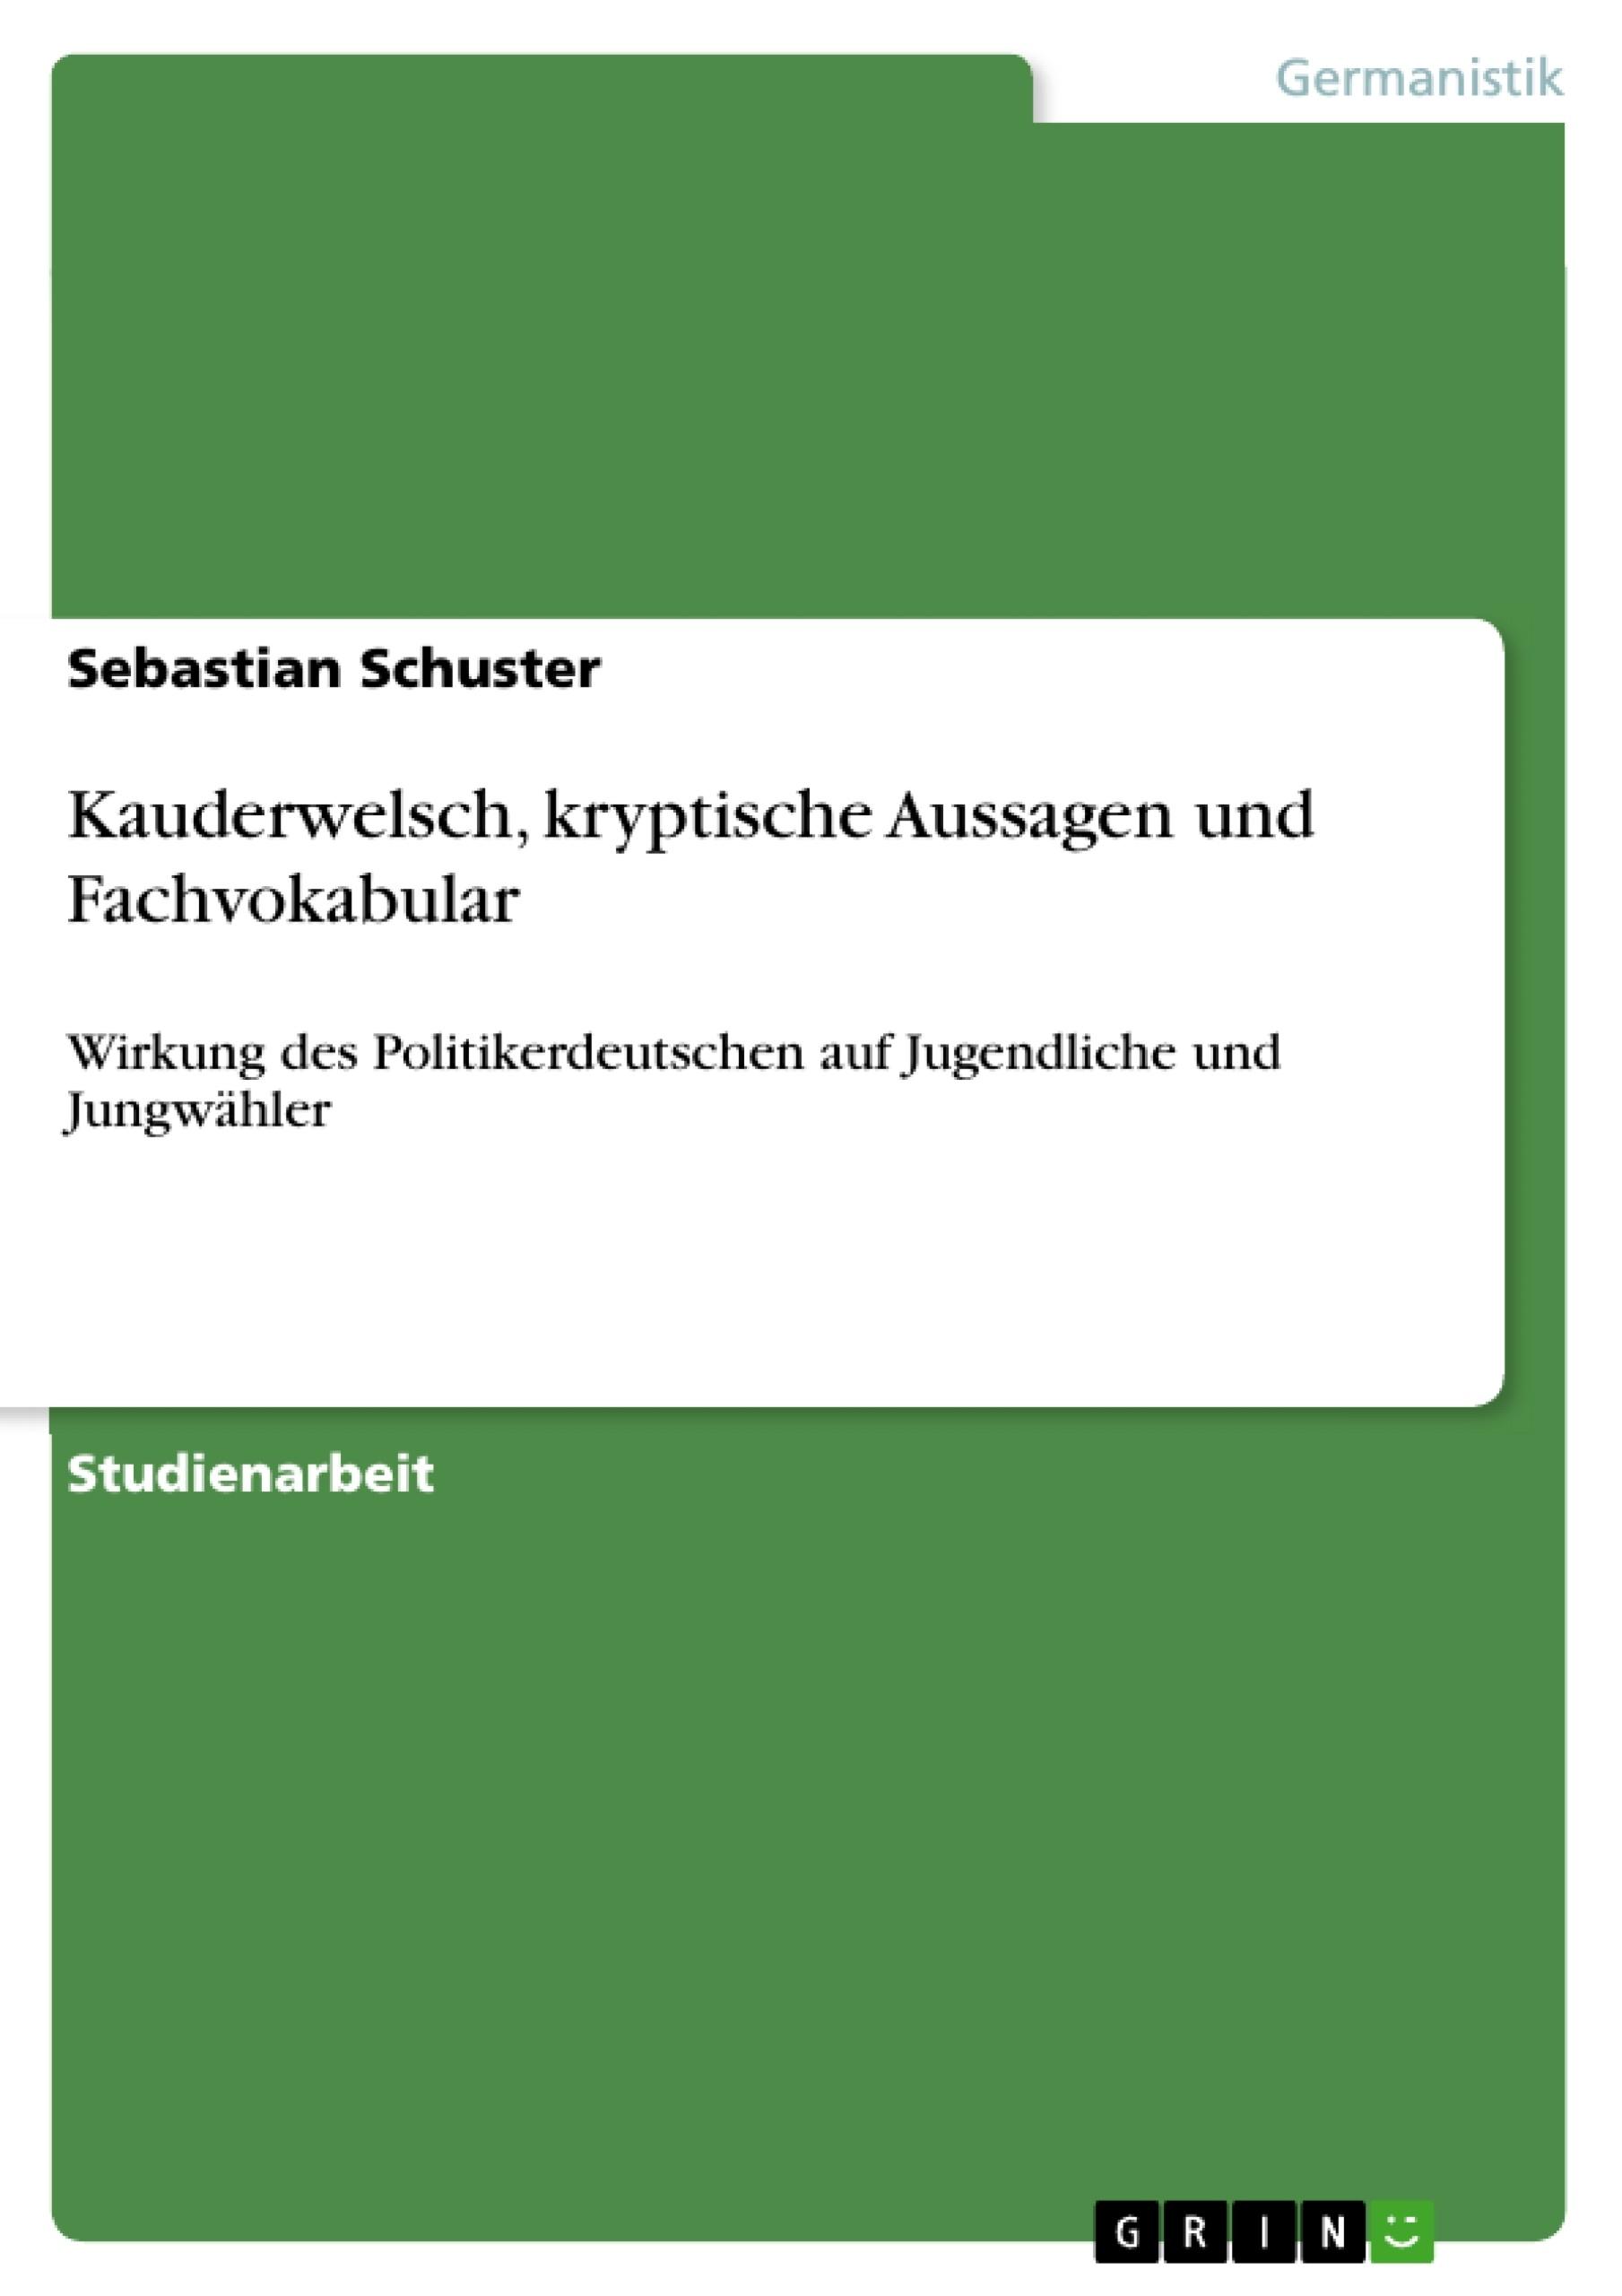 Titel: Kauderwelsch, kryptische Aussagen und Fachvokabular